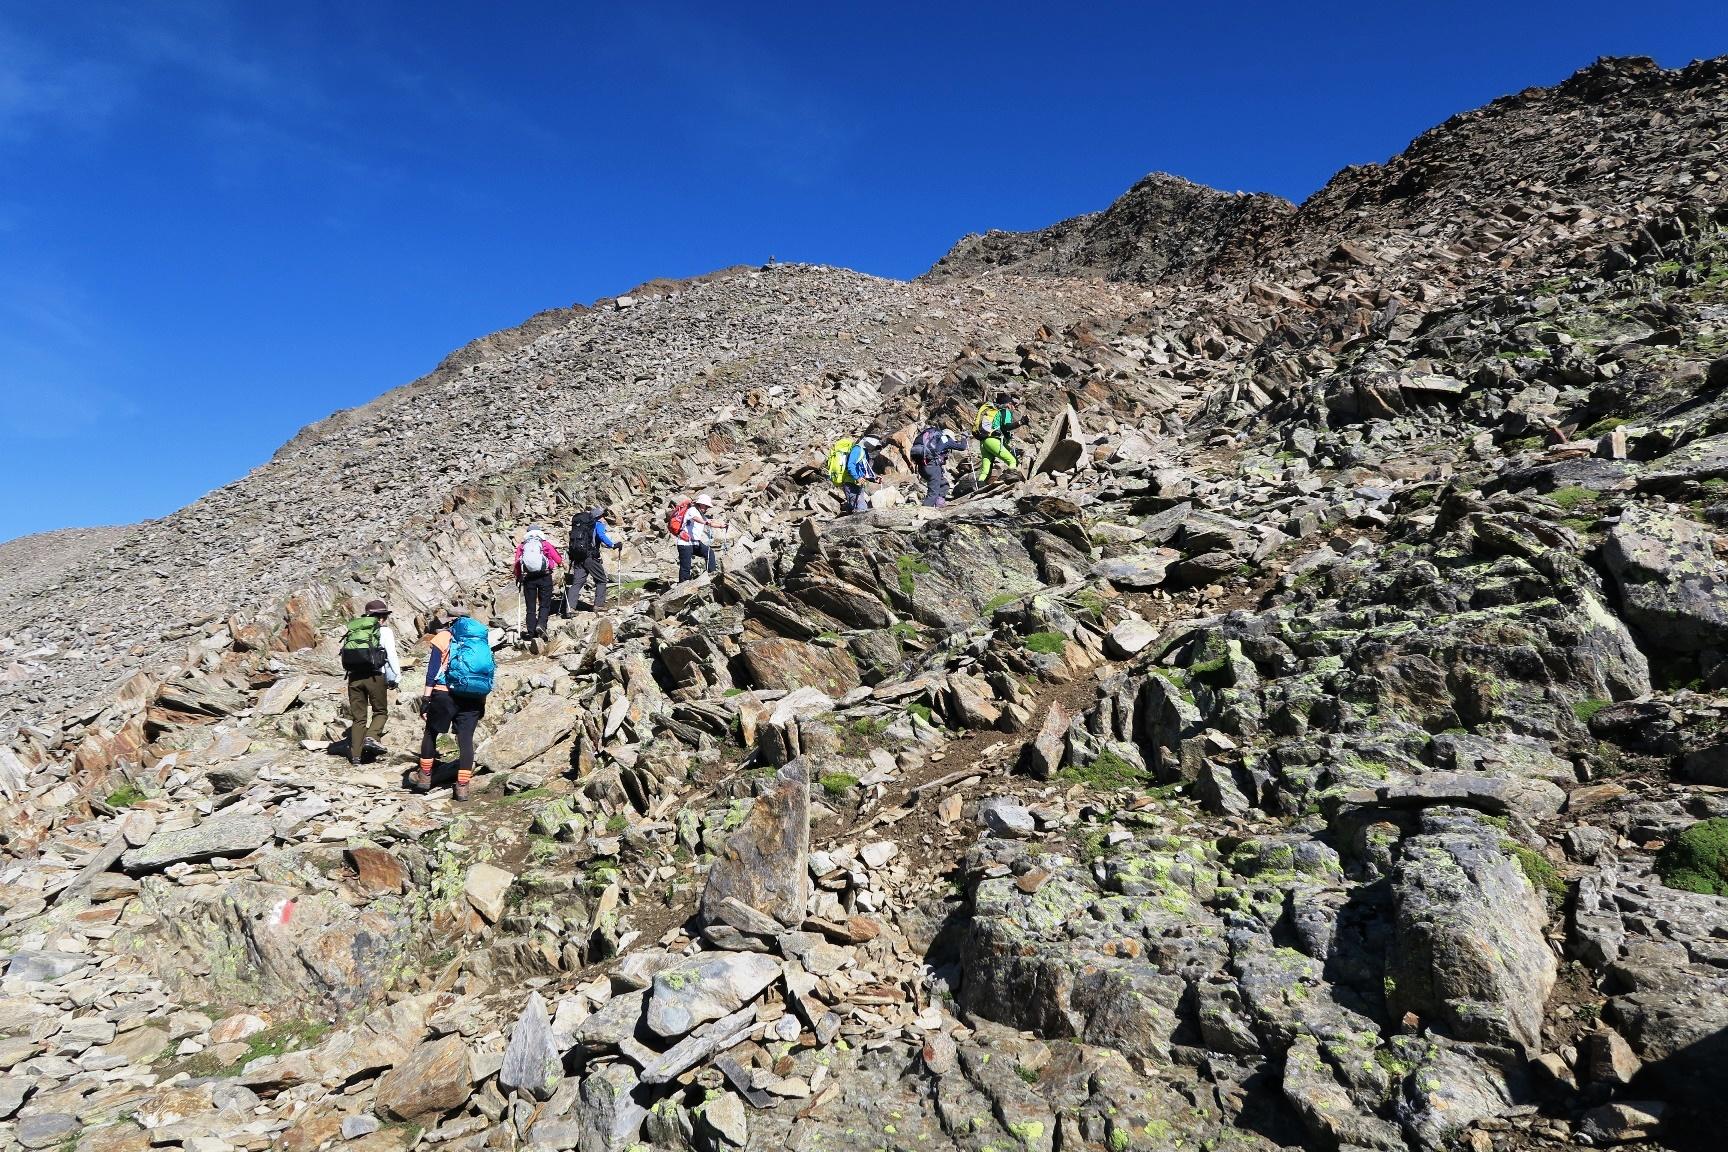 【催行決定・残席僅か】8月2日出発 チロル、ドロミテ満喫ハイキングと名峰2座登頂 11日間